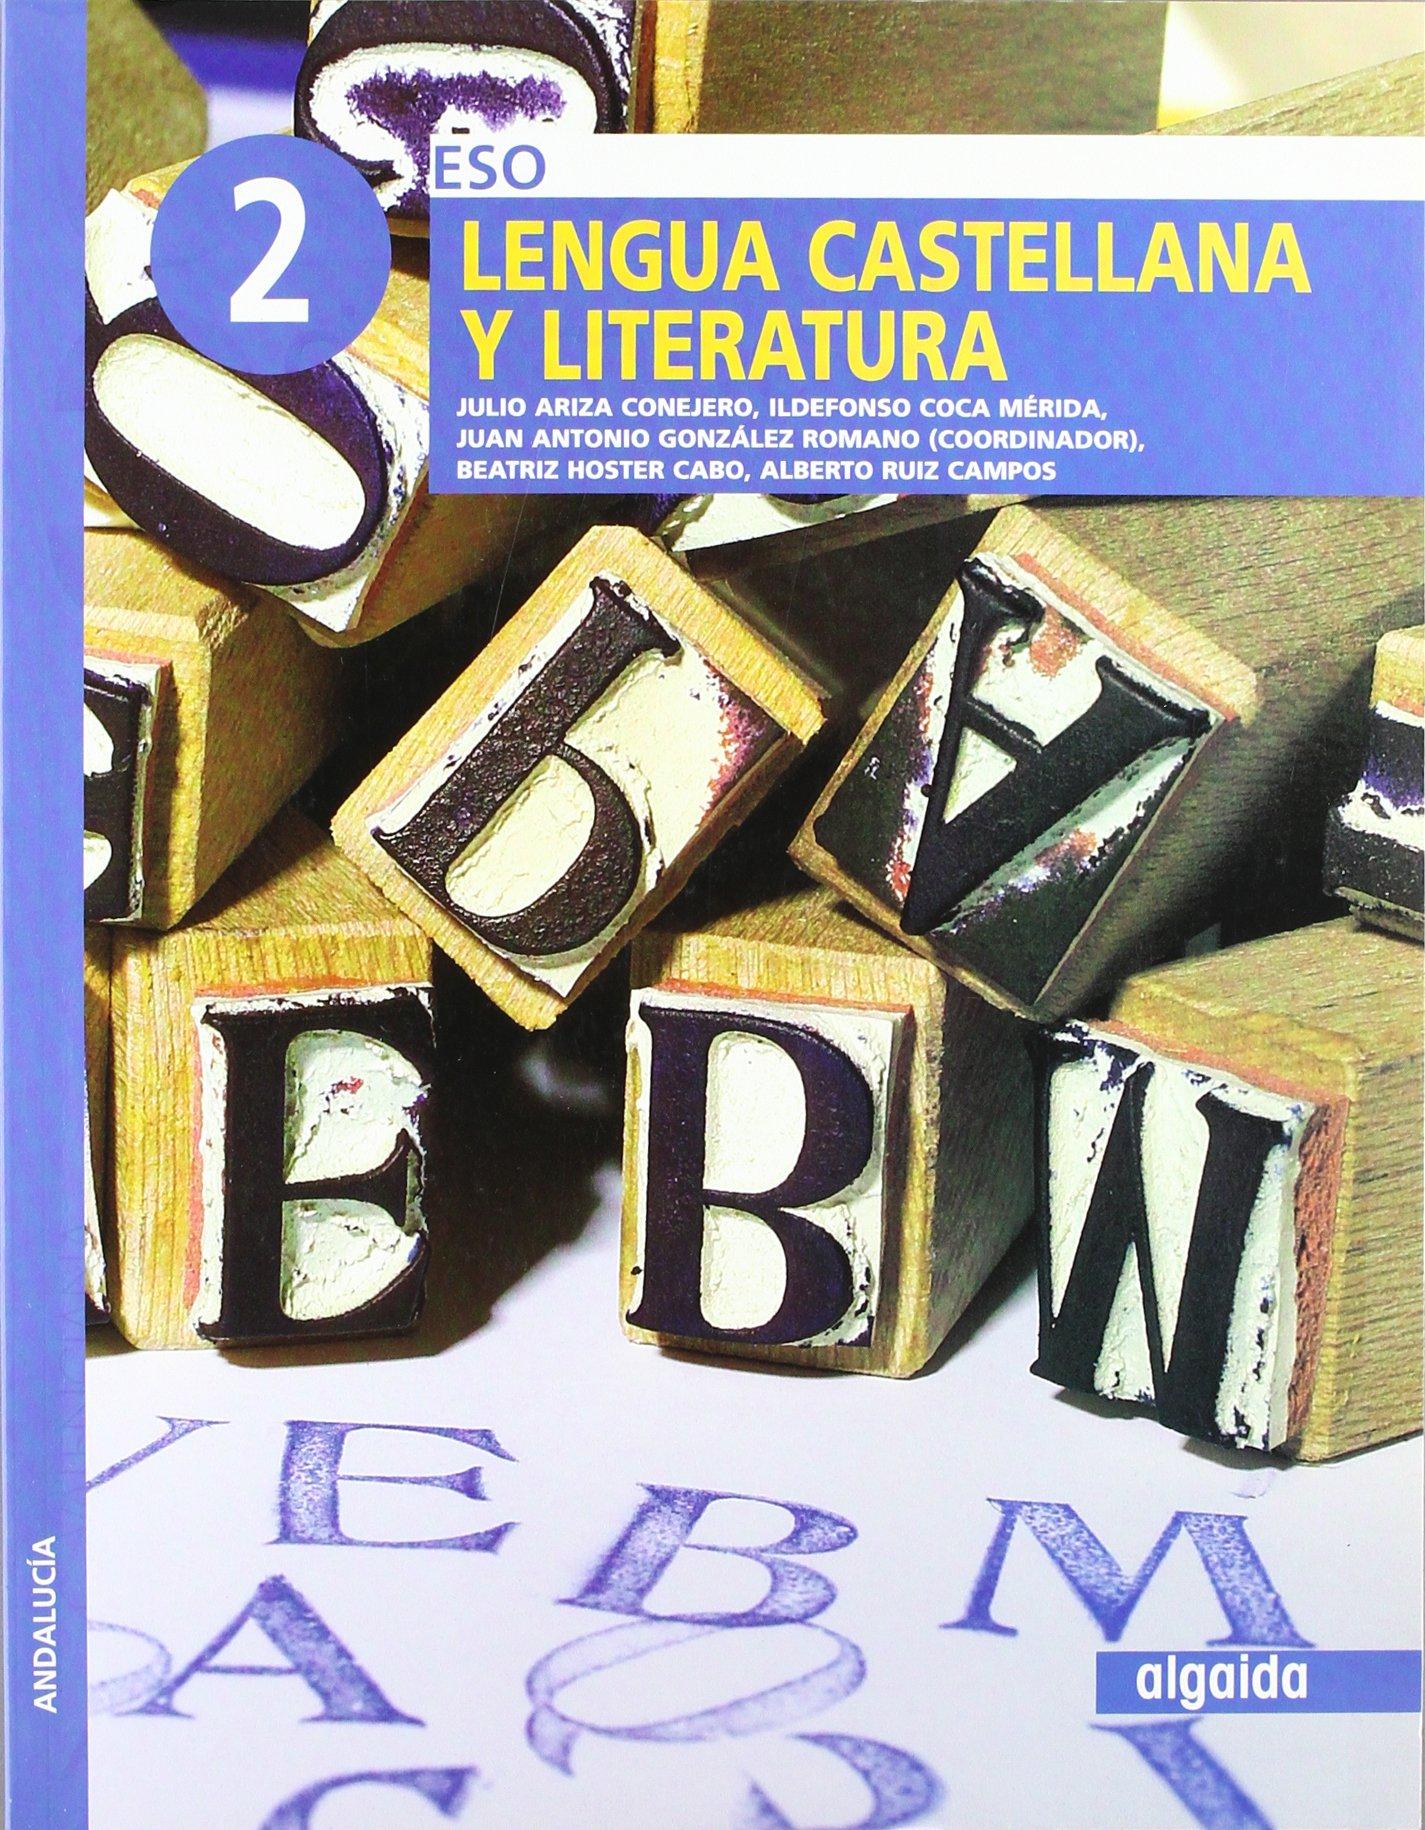 Lengua castellana y literatura 2º ESO: Amazon.es: Julio Ariza Conejero, Ildefonso Coca Mérida, Juan Antonio González Romano, Beatriz Hoster Cabo, ...